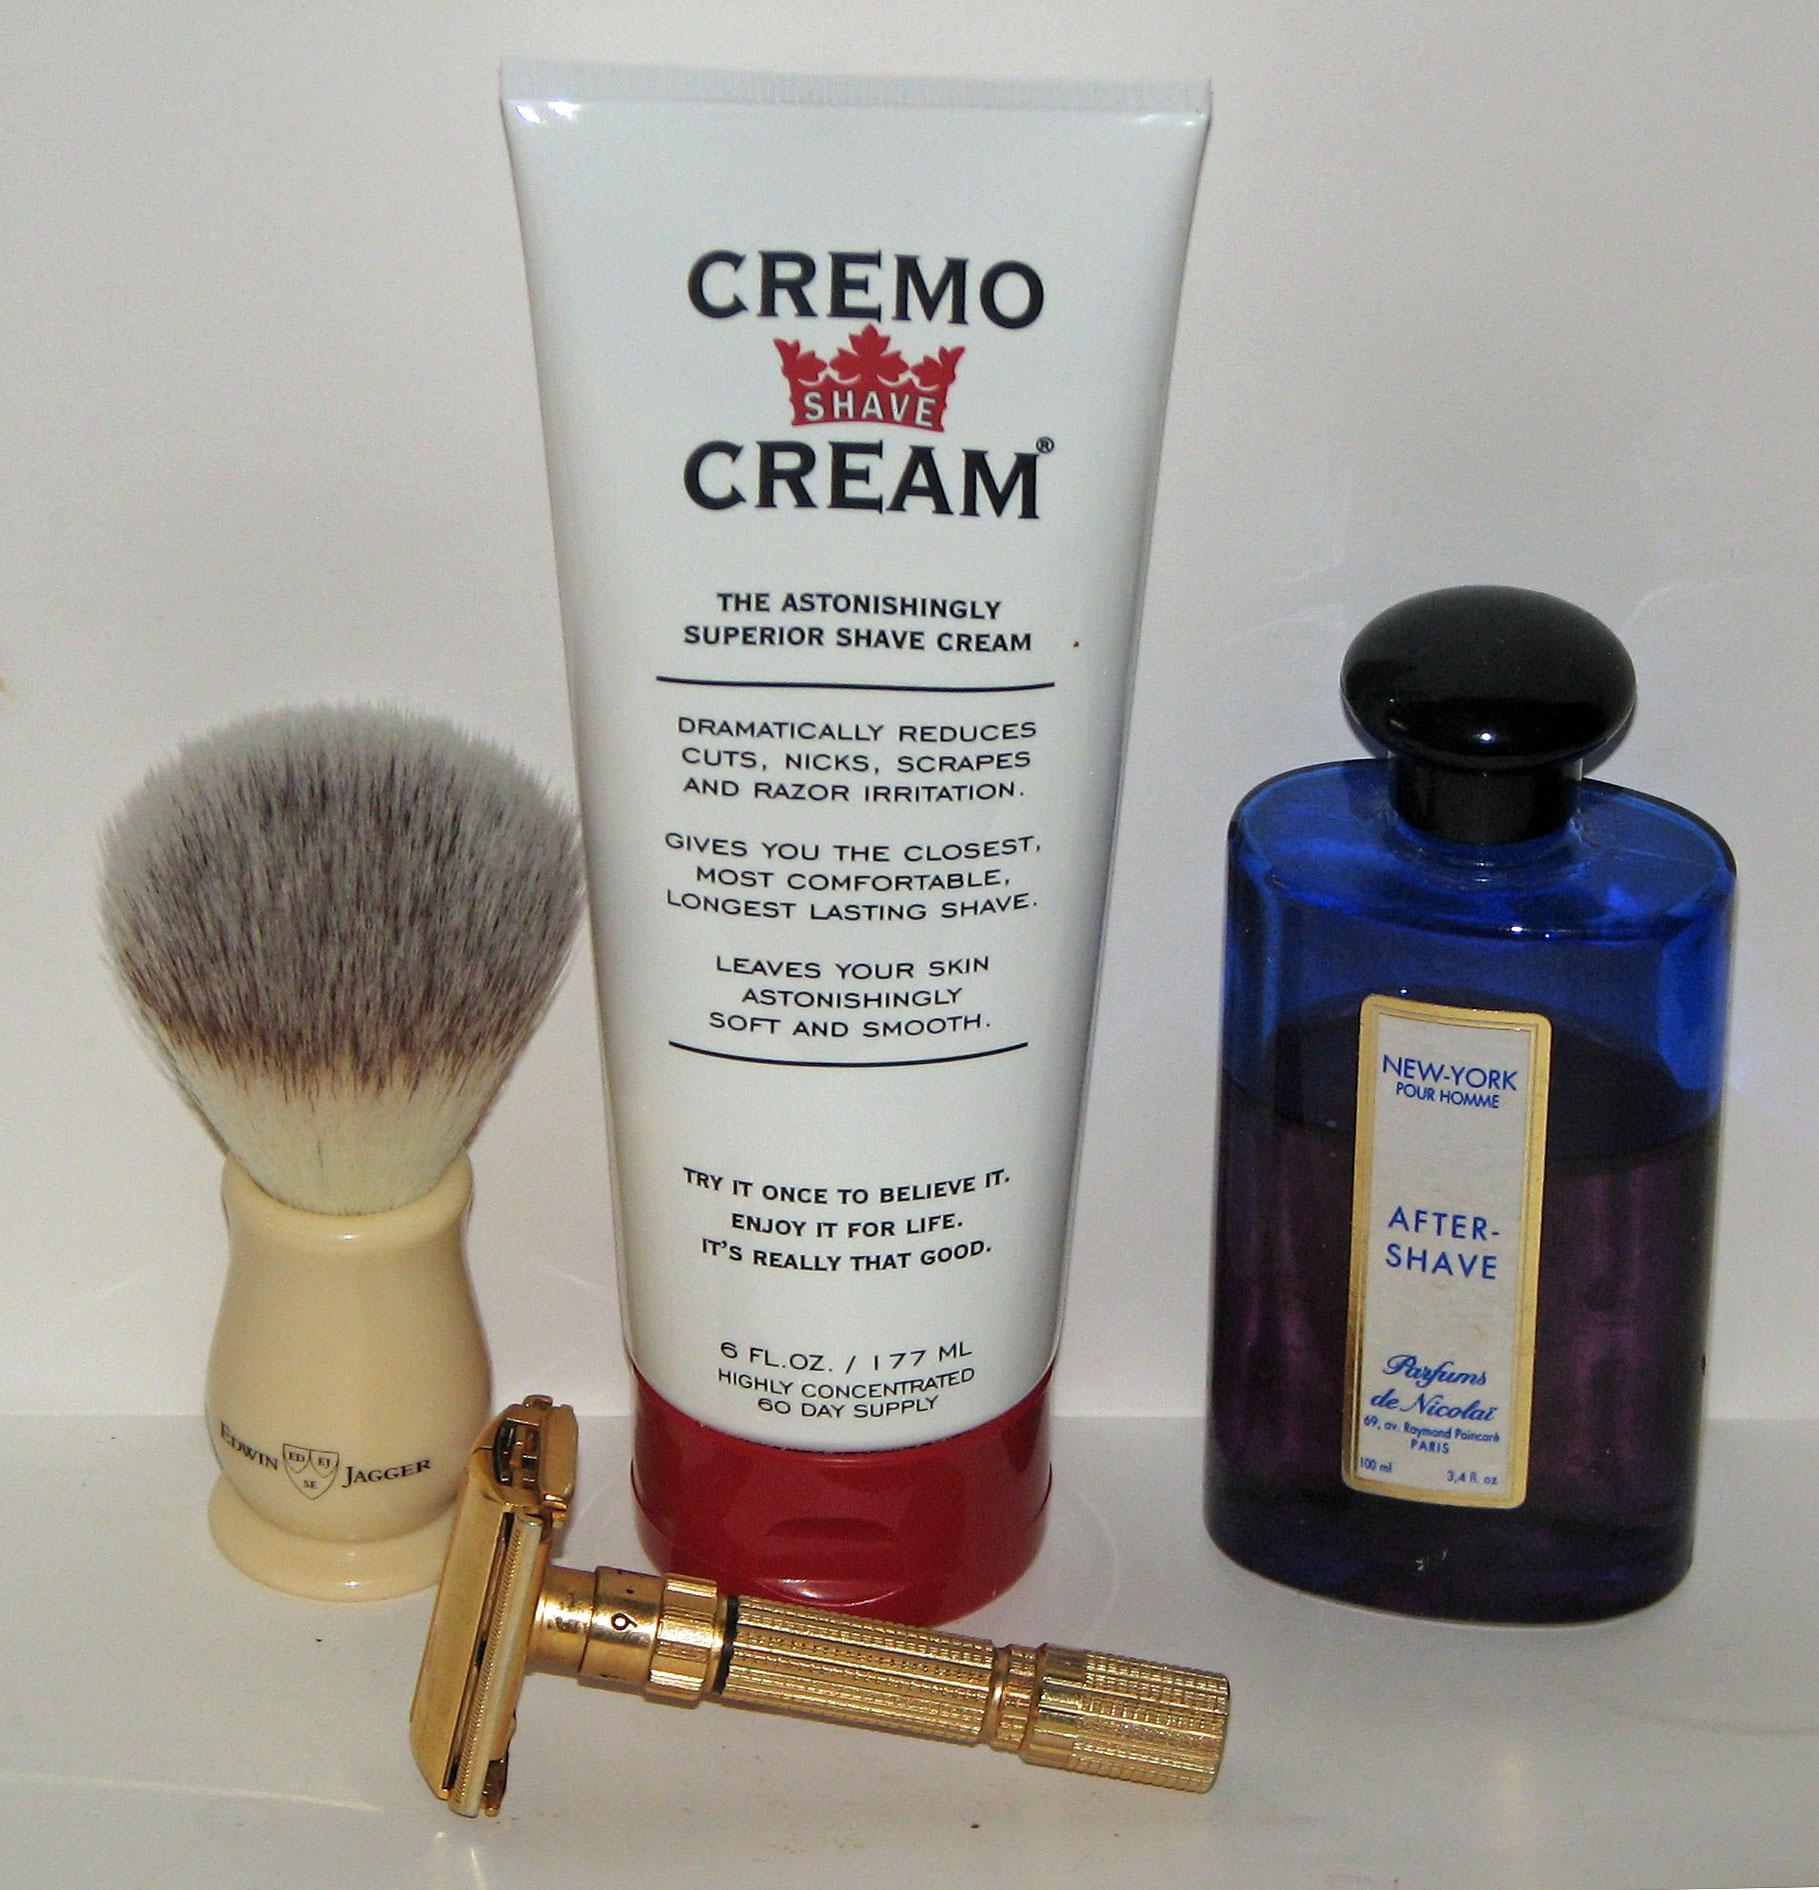 Cream shaver